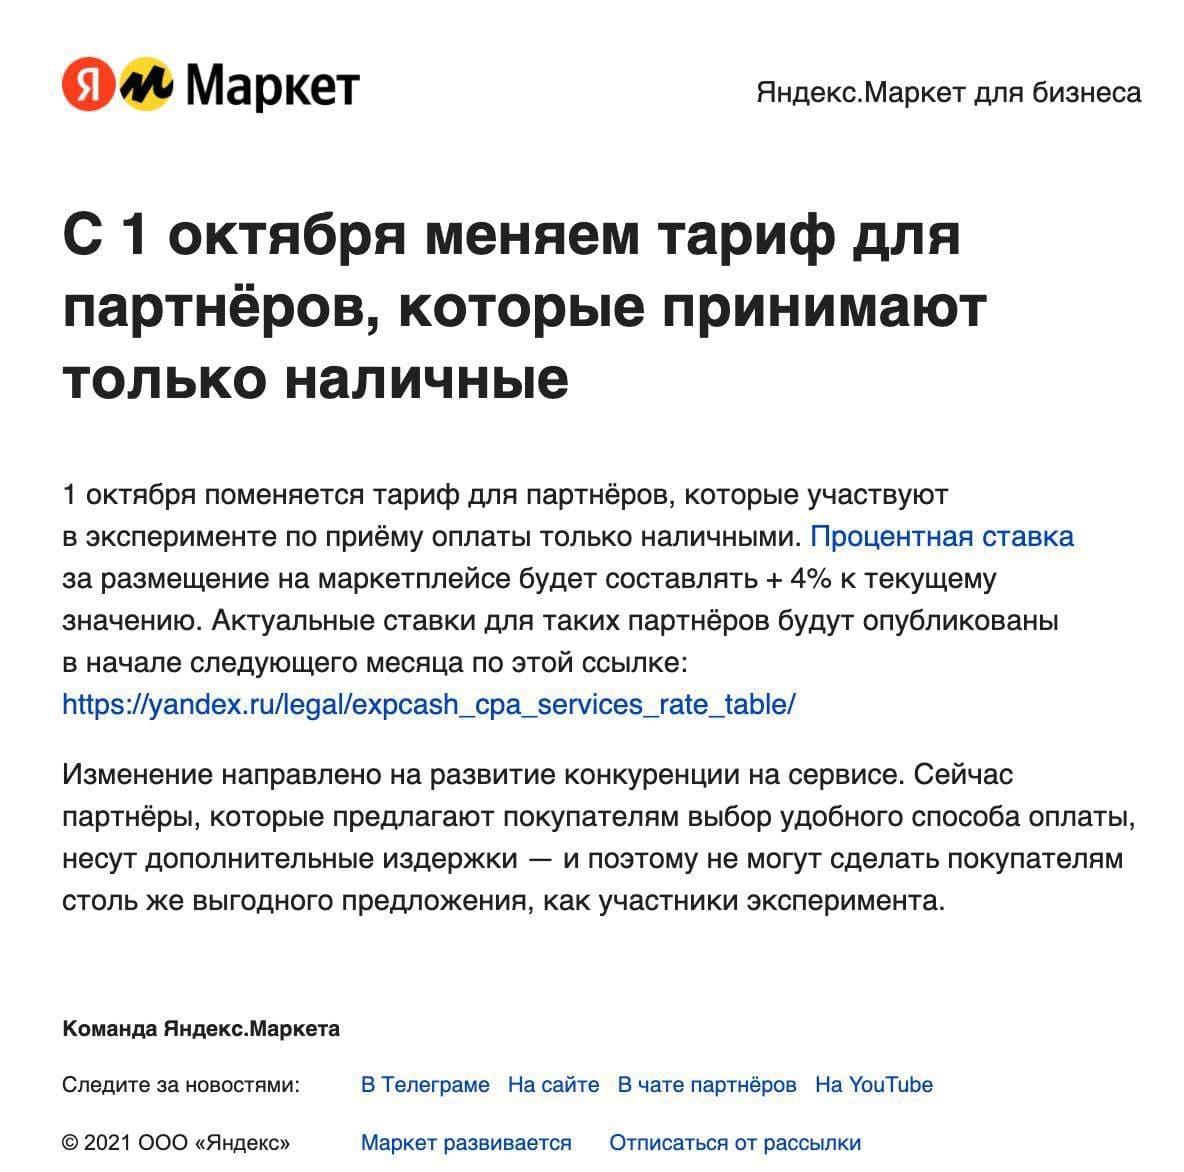 Яндекс.Маркет повысил комиссию для магазинов, принимающих только наличные - 1